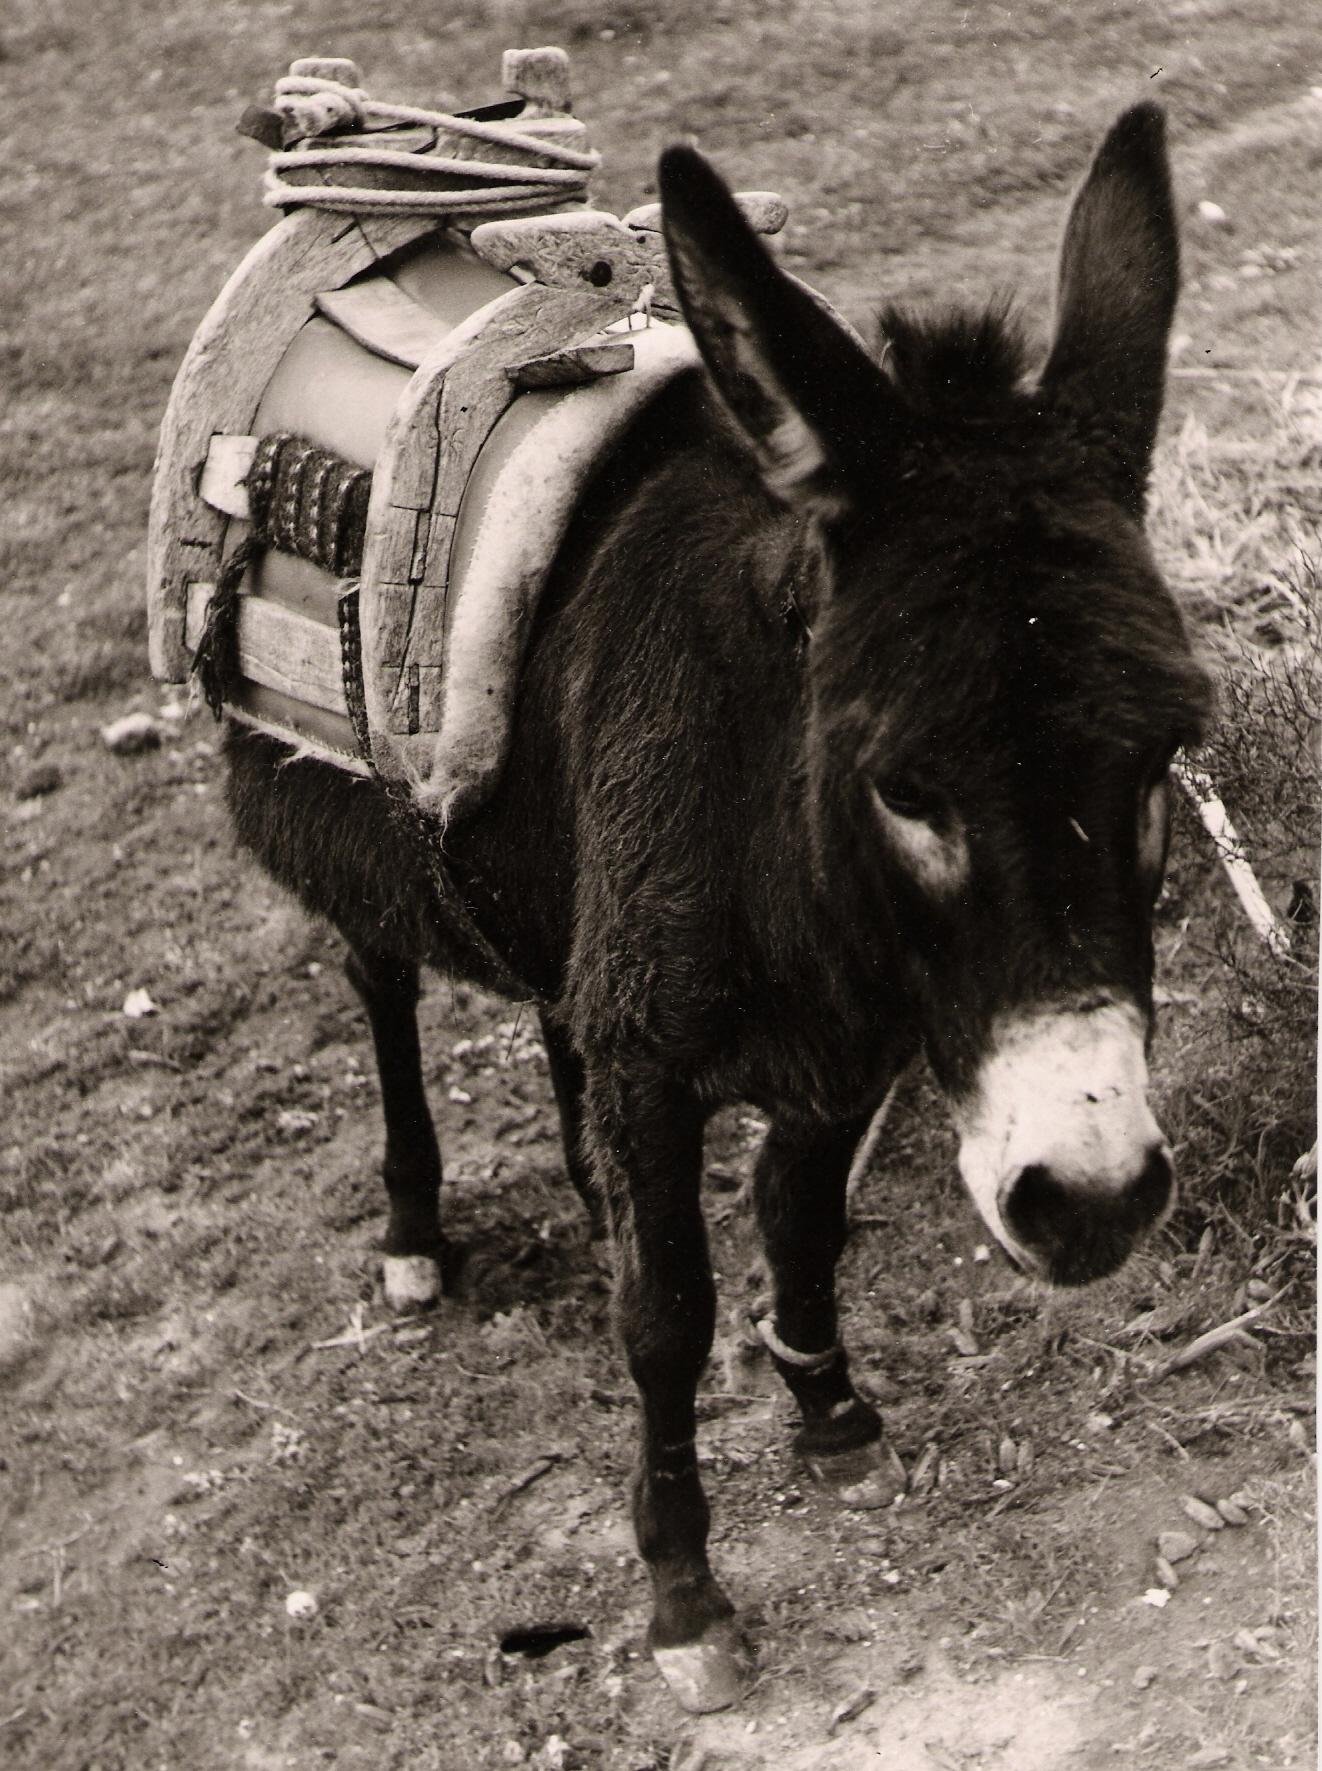 Der Vorfahr des Reitsattels: ein einfacher Pack- oder Bocksattel für den Transport von Lasten und Gepäck hier an einem Esel (Quelle: Wikipedia)